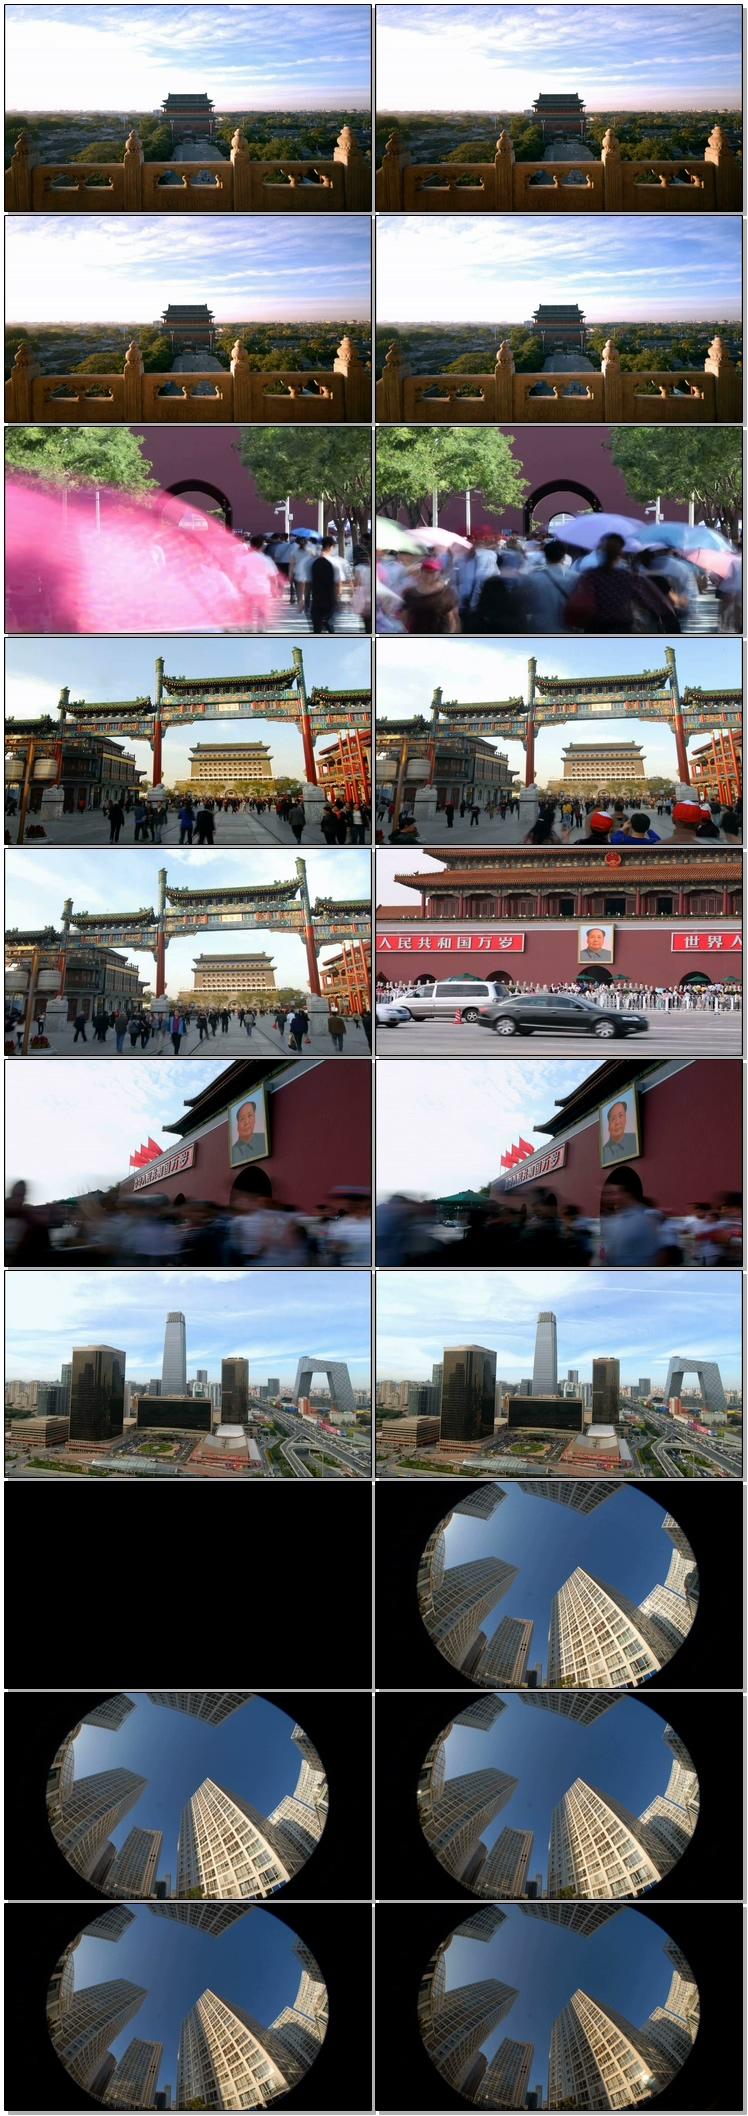 中国高清实拍北京城市建筑车流风景北京宣传片实拍视频素材